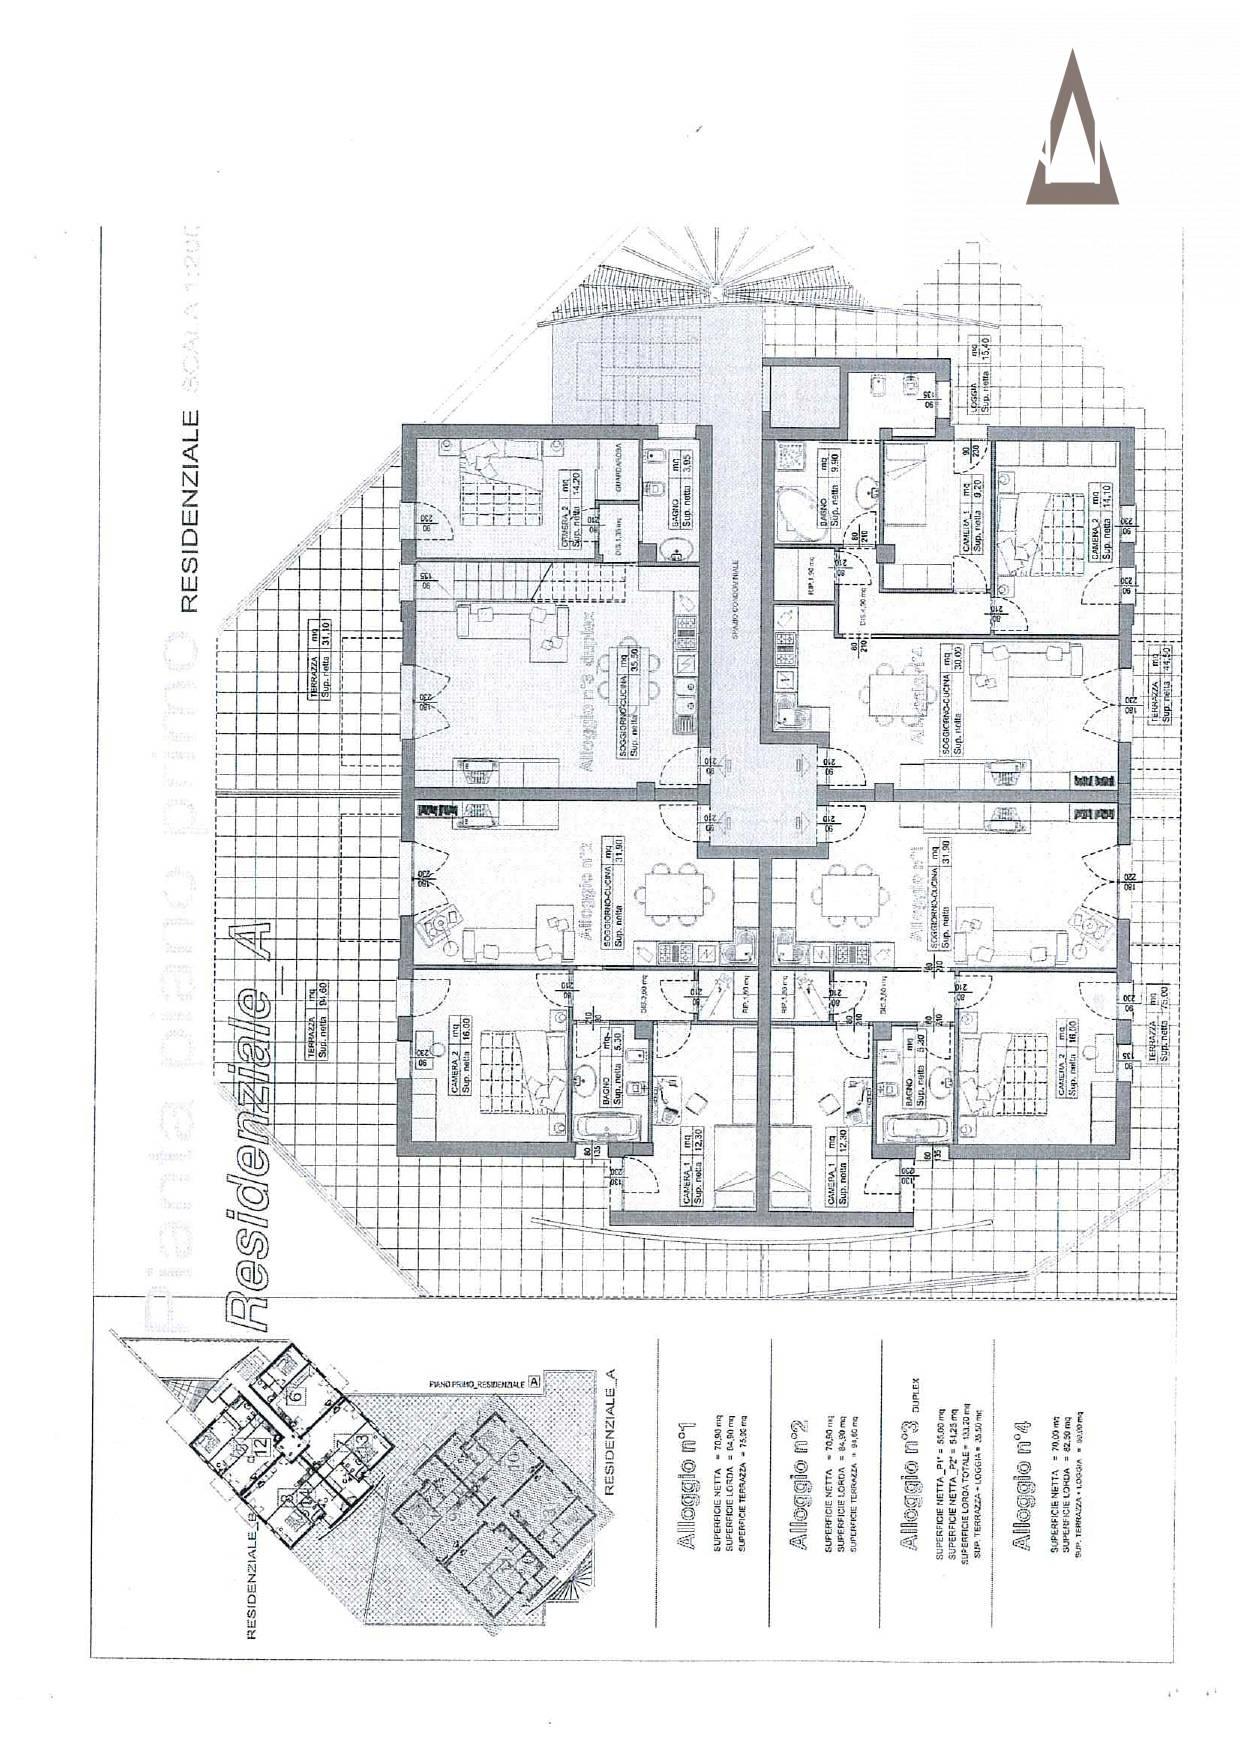 Appartamento in vendita a Fonte, 7 locali, zona Località: OnèdiFonte, prezzo € 165.000 | CambioCasa.it